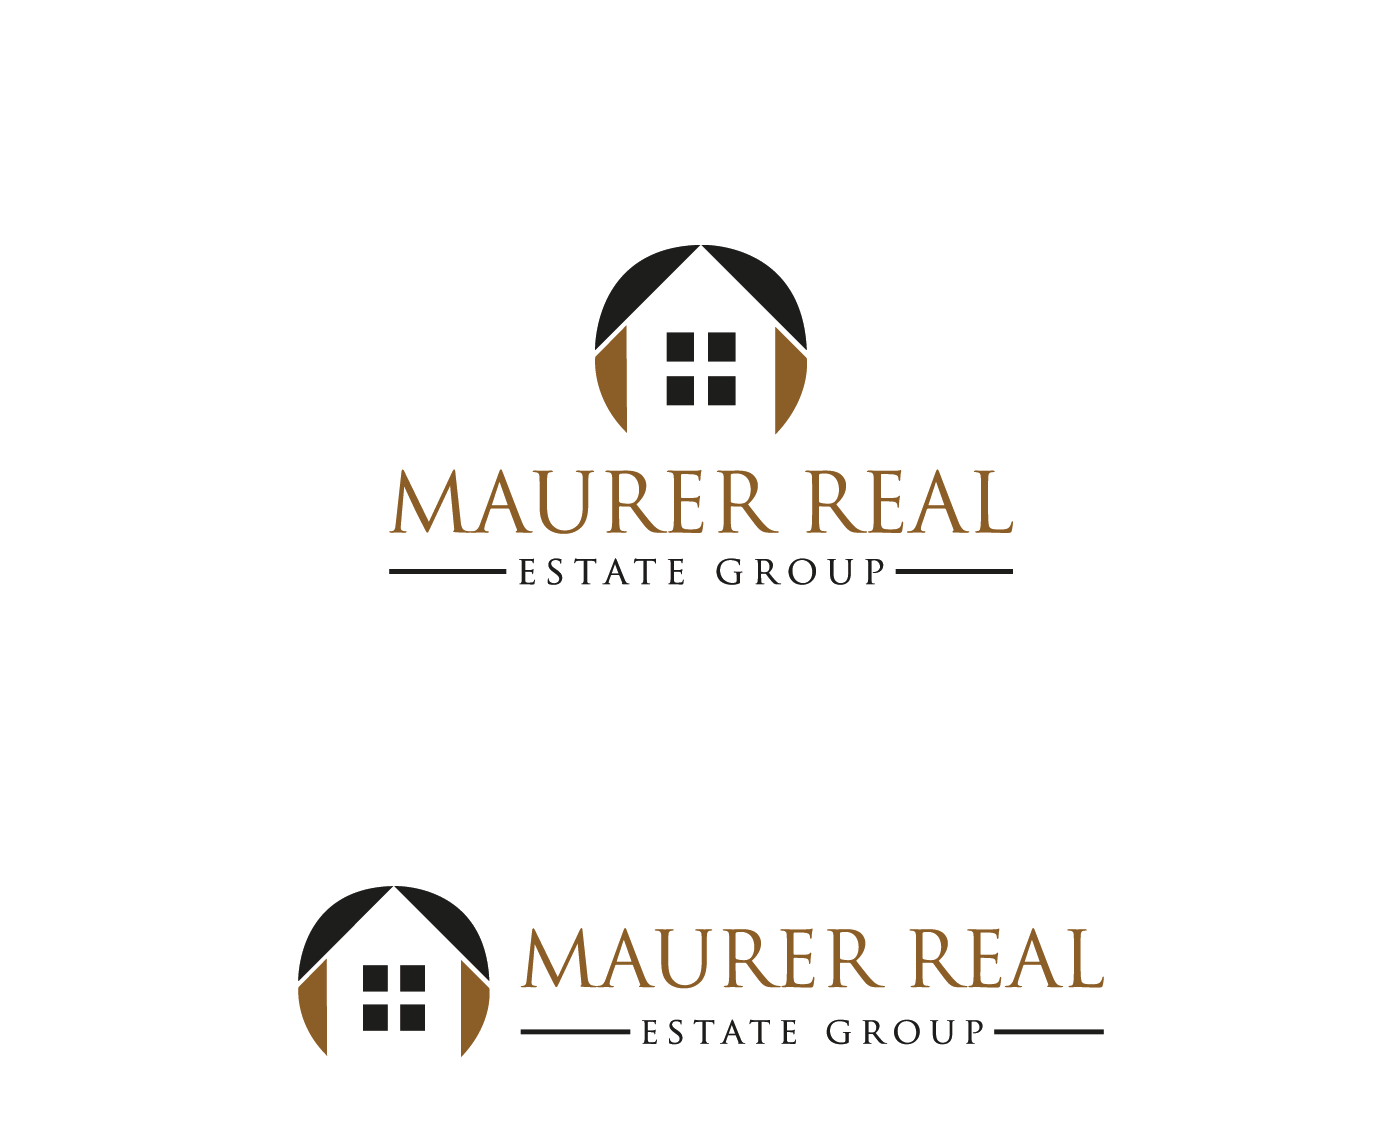 Logo Design by Apurba kumar Biswas - Entry No. 55 in the Logo Design Contest Maurer real estate group Logo Design.